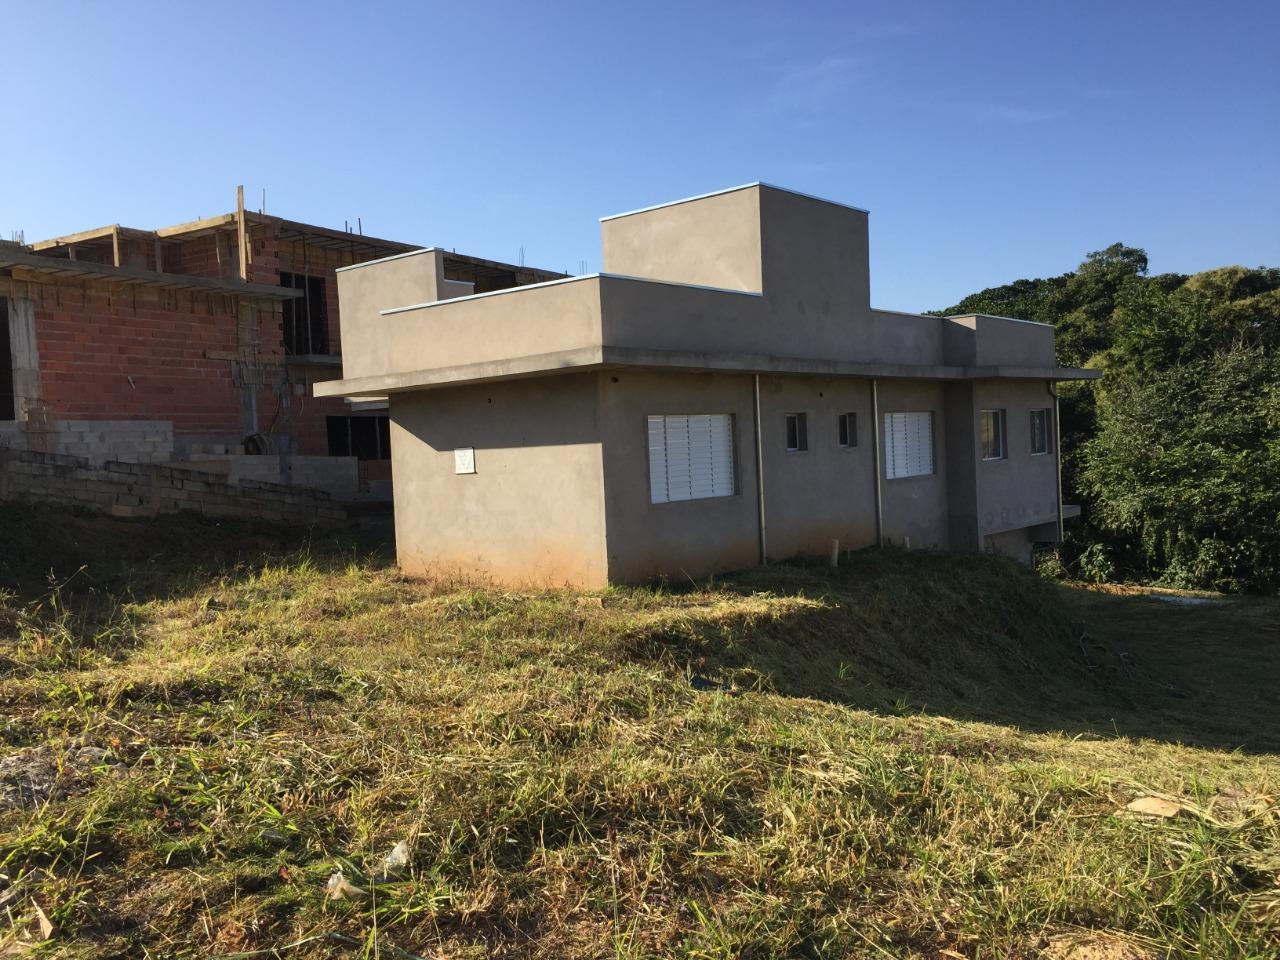 Aconchegante casa térrea no condomínio Residencial Santa Teresa, na divisa de Itupeva com Valinhos